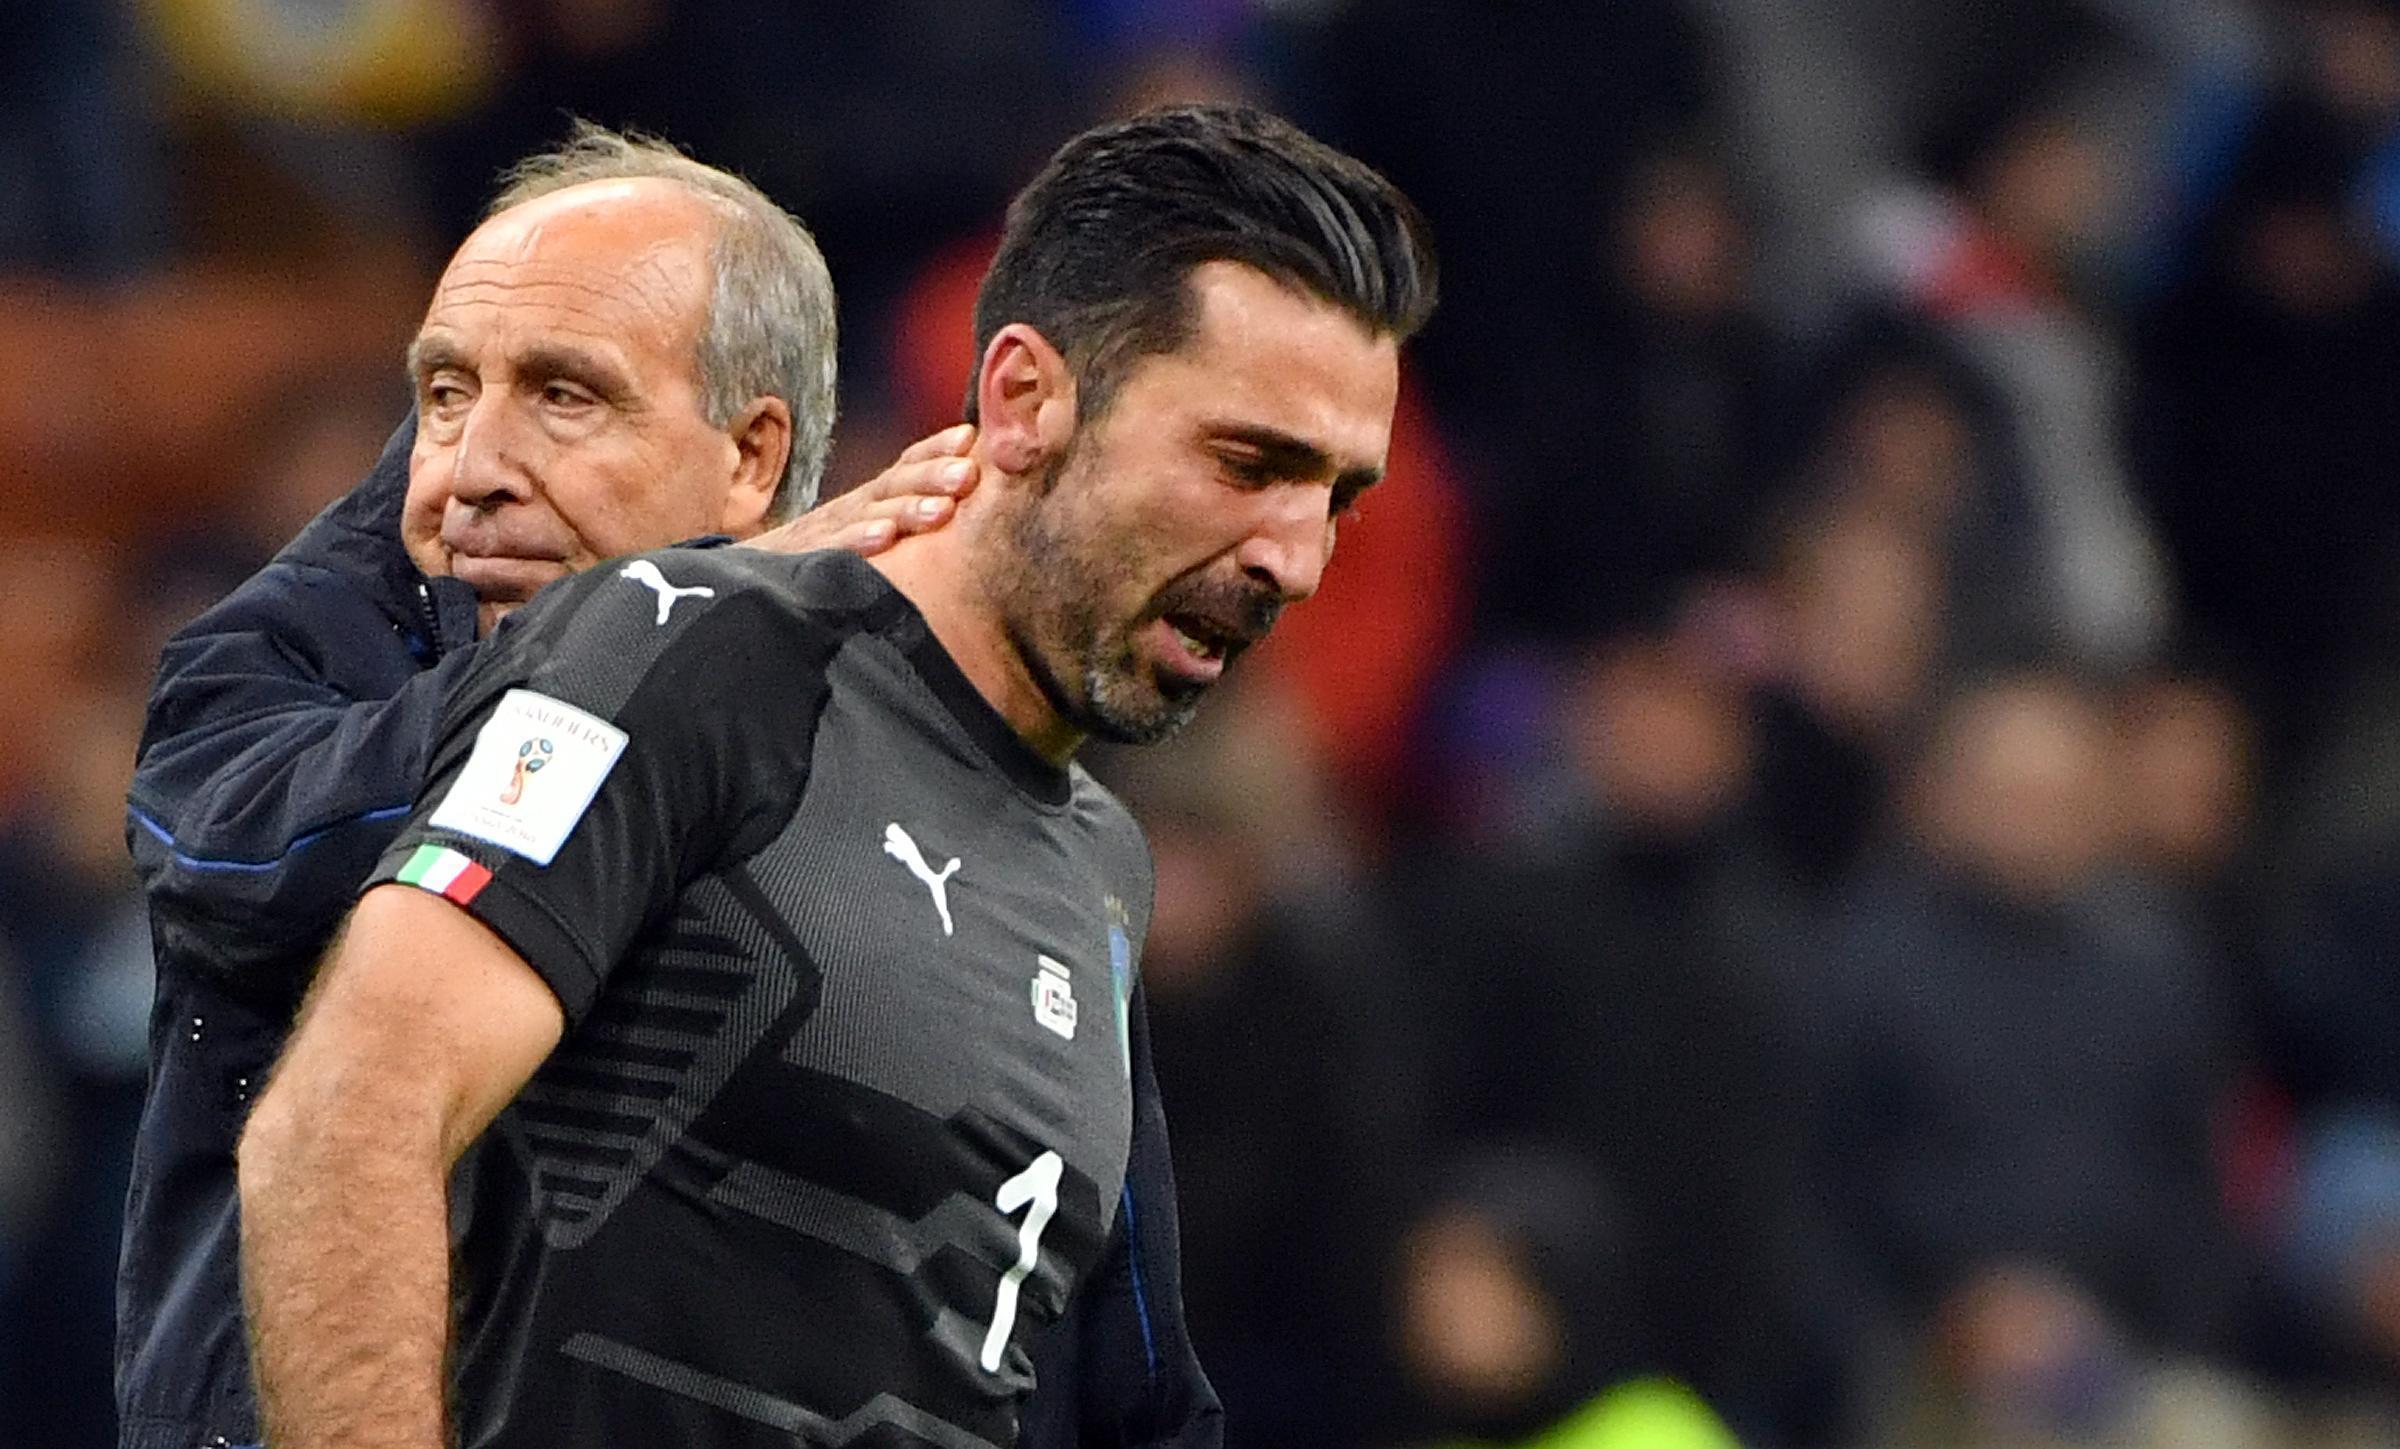 Ivan Rakitic would give 2018 FIFA World Cup spot to Gianlugi Buffon